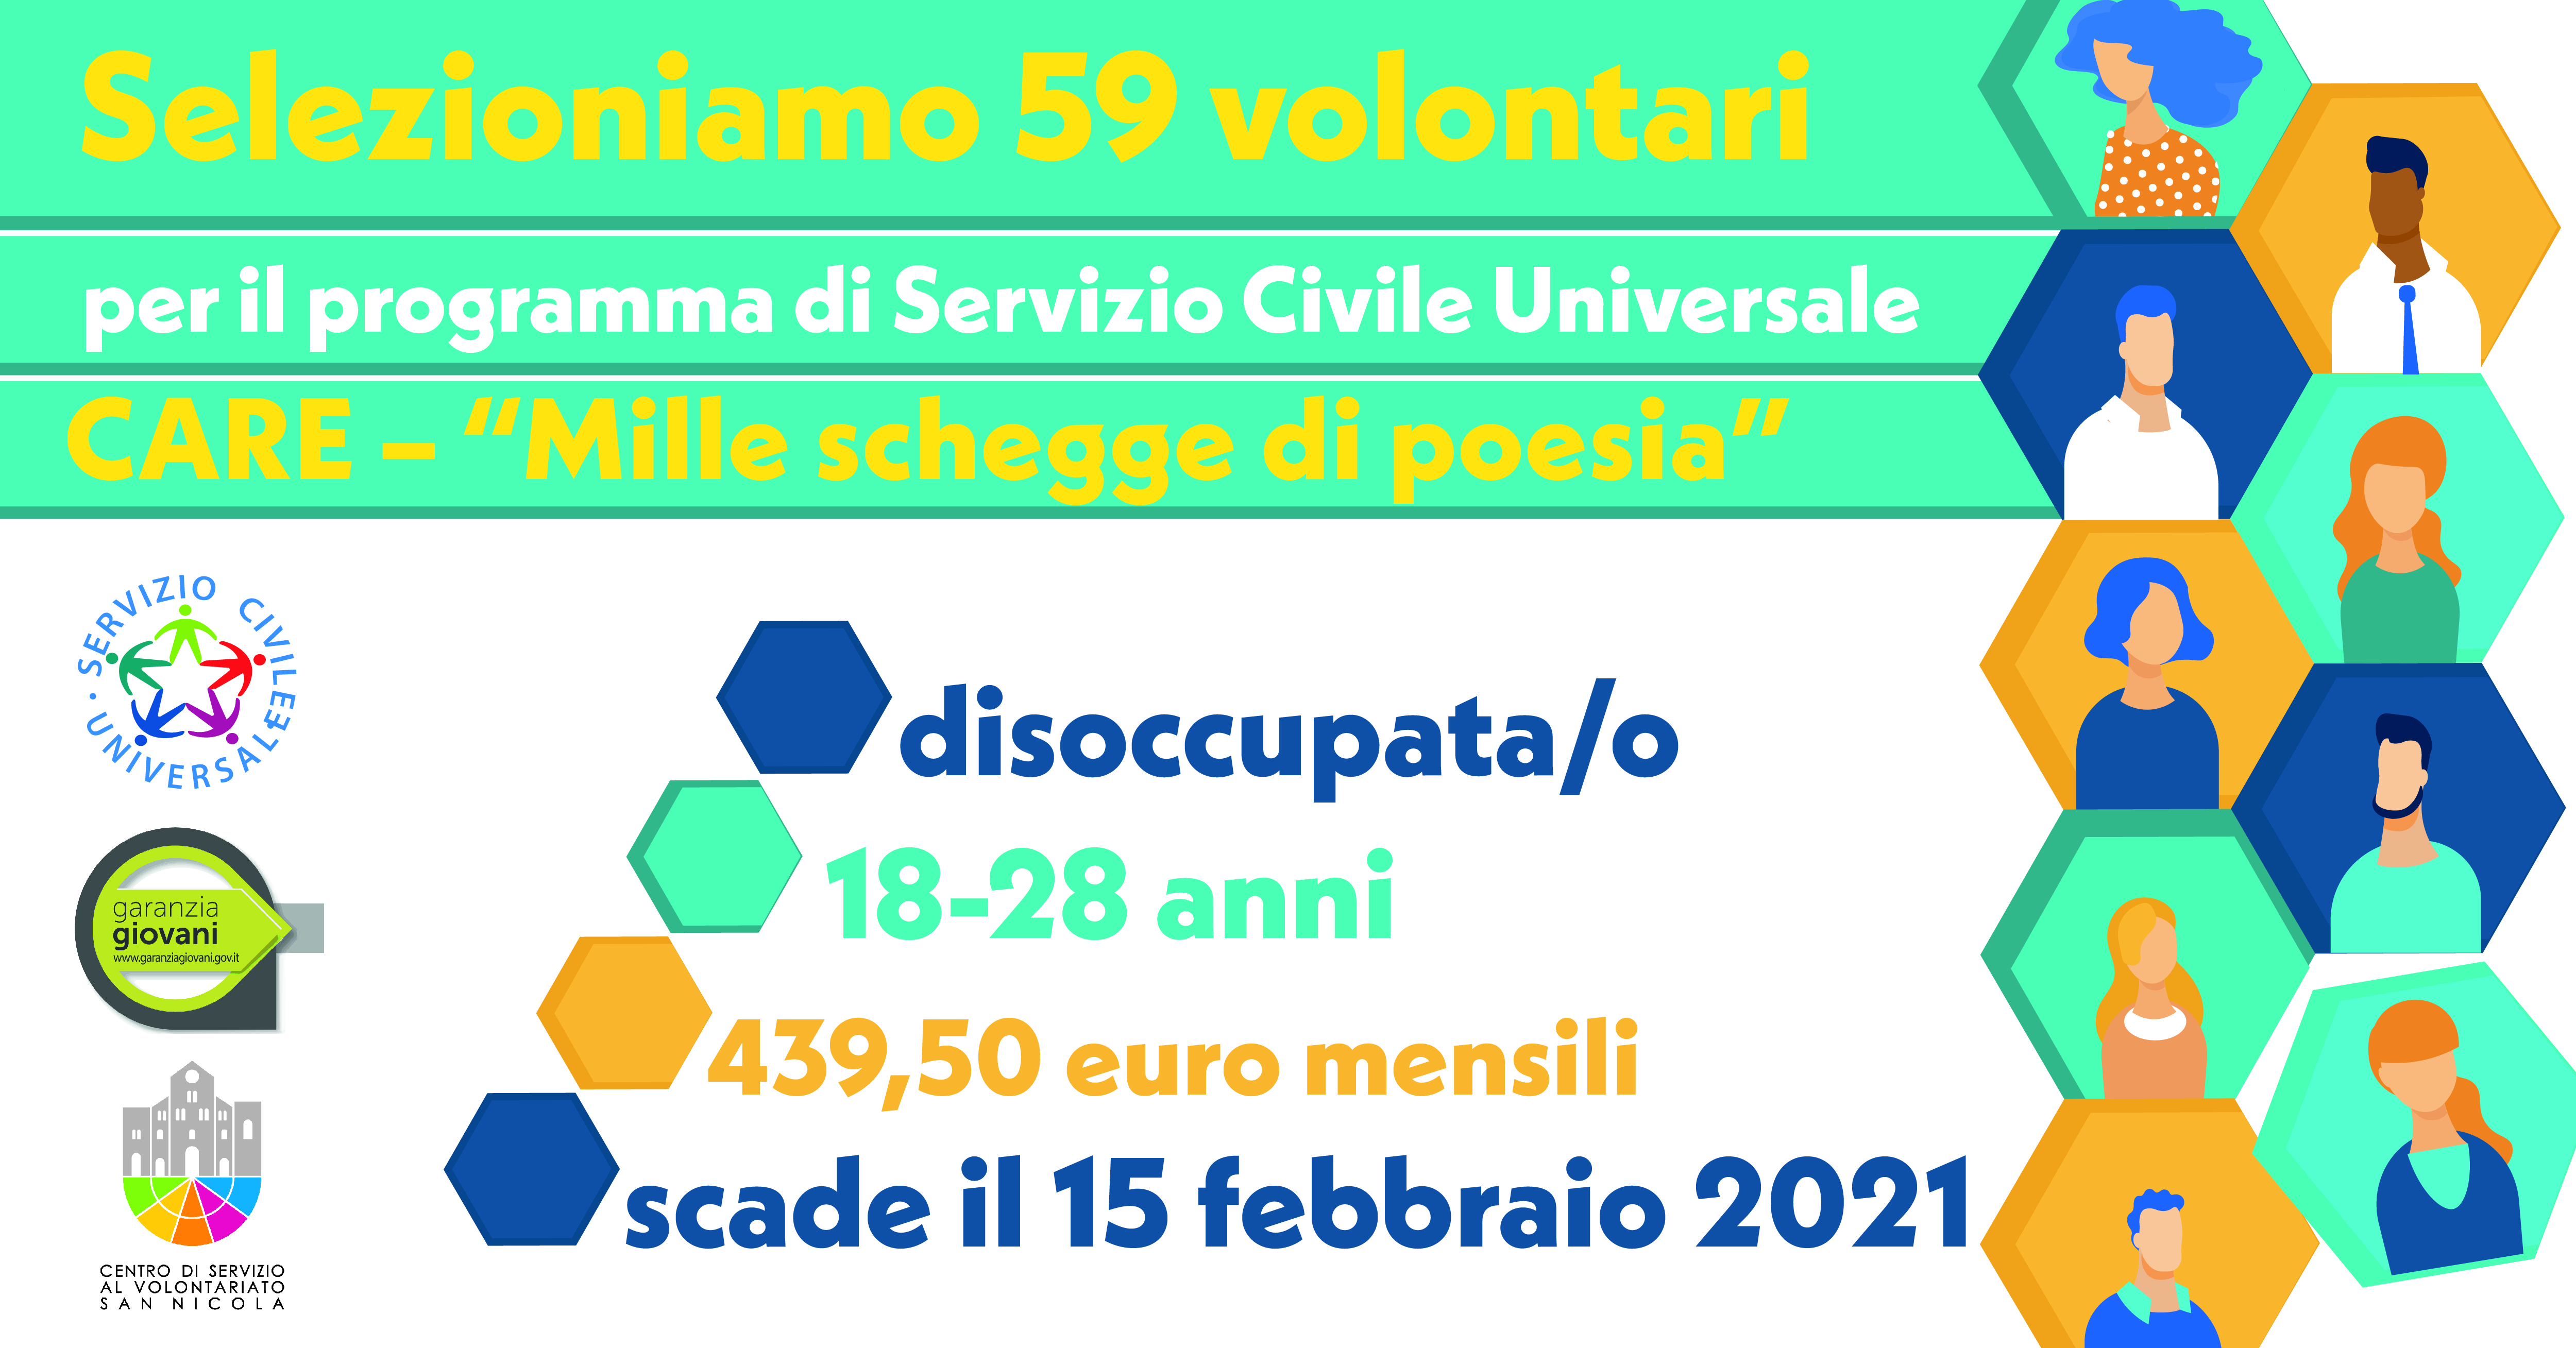 Banner CARE Mille schegge di poesia SCU Garanzia Giovani CSV San Nicola